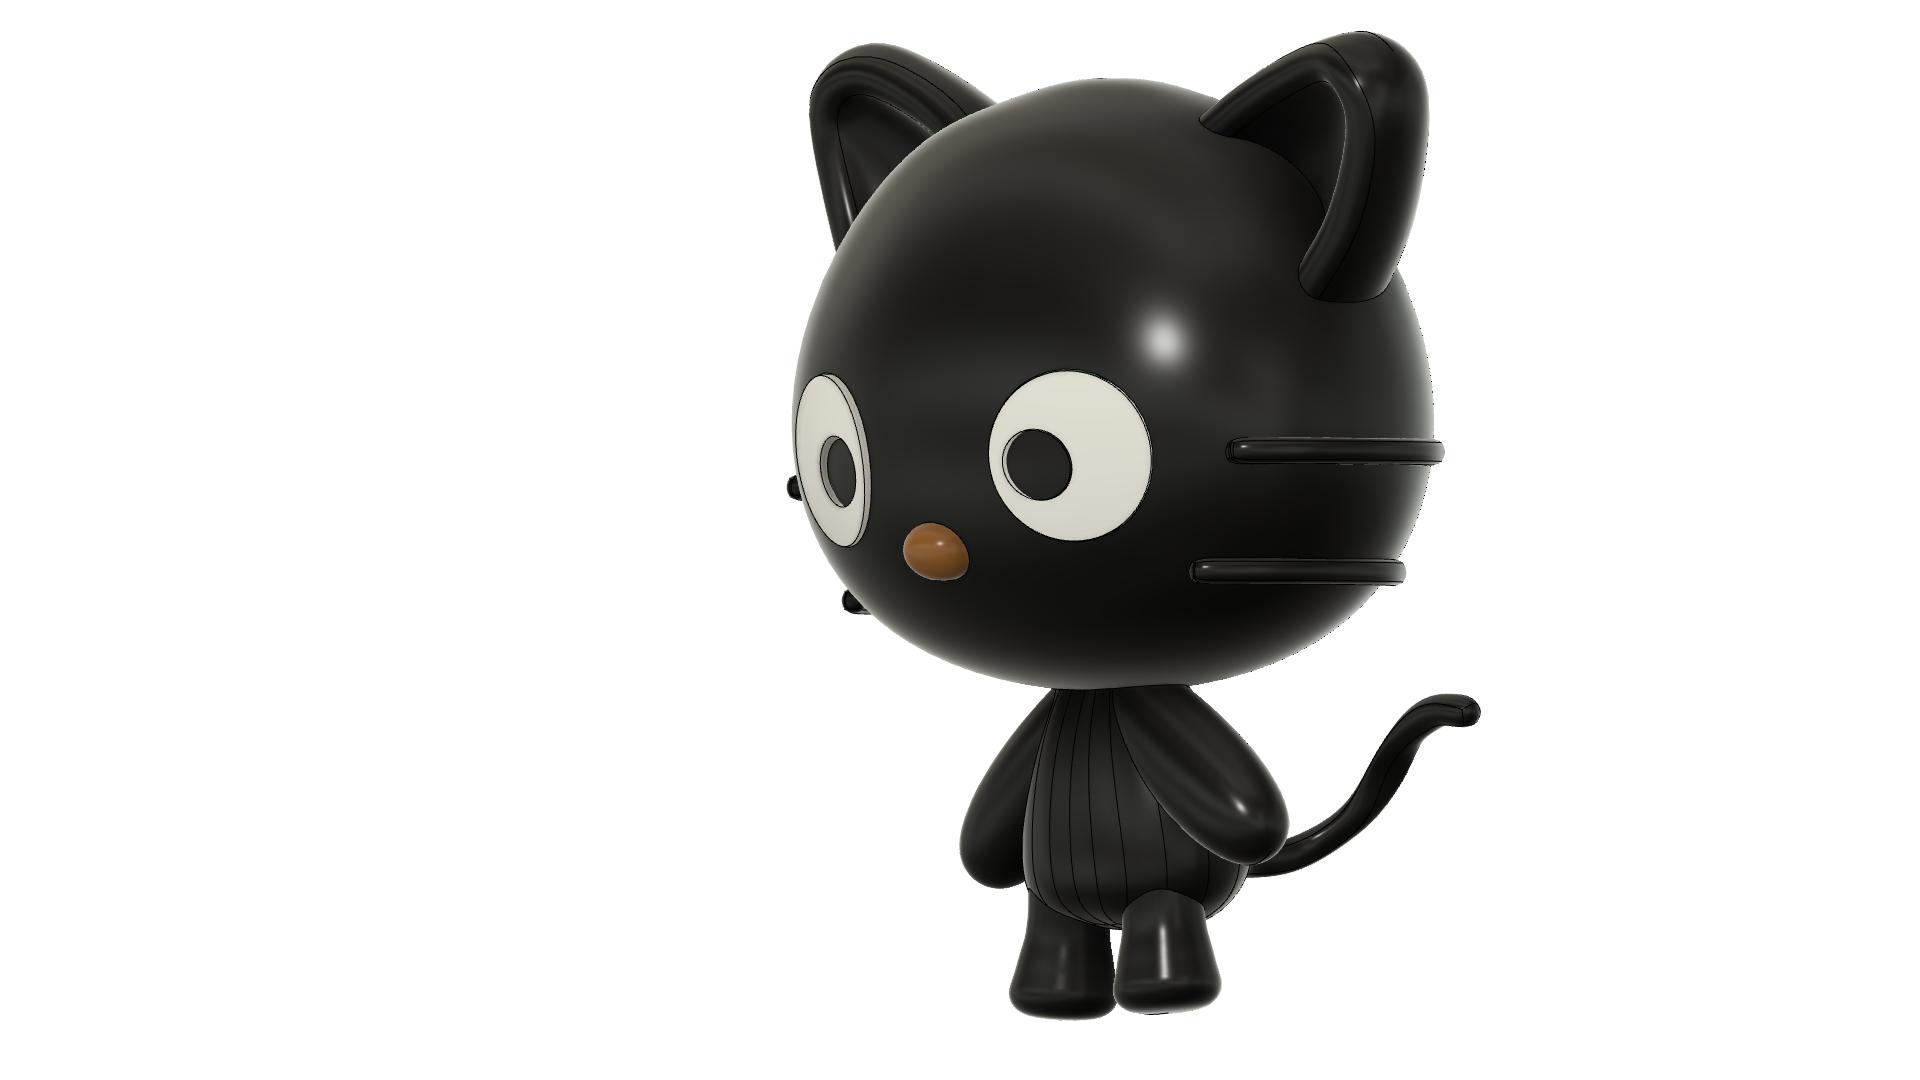 Cococat final correct v2.png Télécharger fichier STL gratuit Chococat (チョコキャット, Chokokyatto) • Objet à imprimer en 3D, Jangie